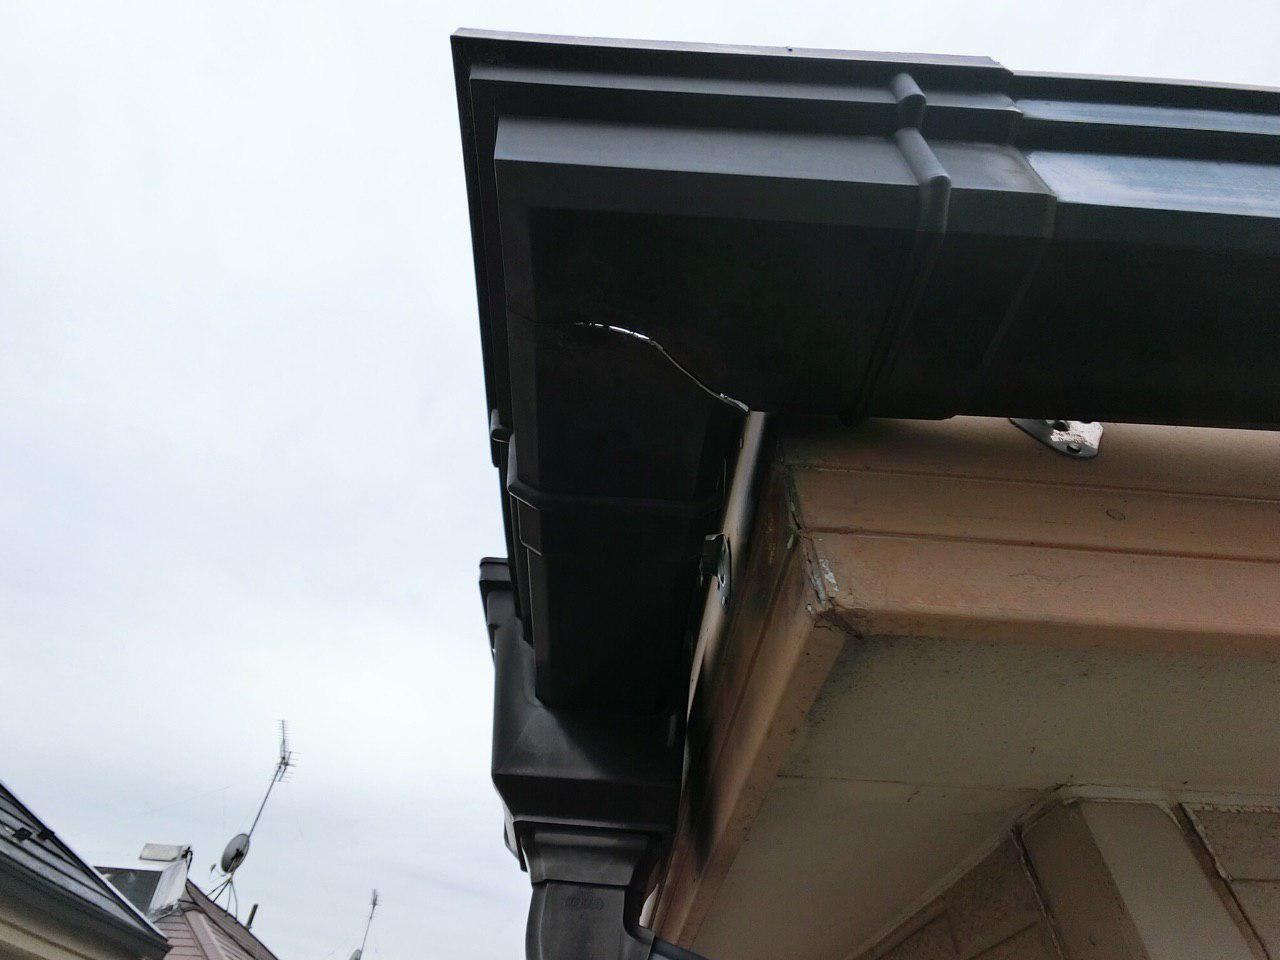 福生市で屋根雨樋の住宅調査を実施